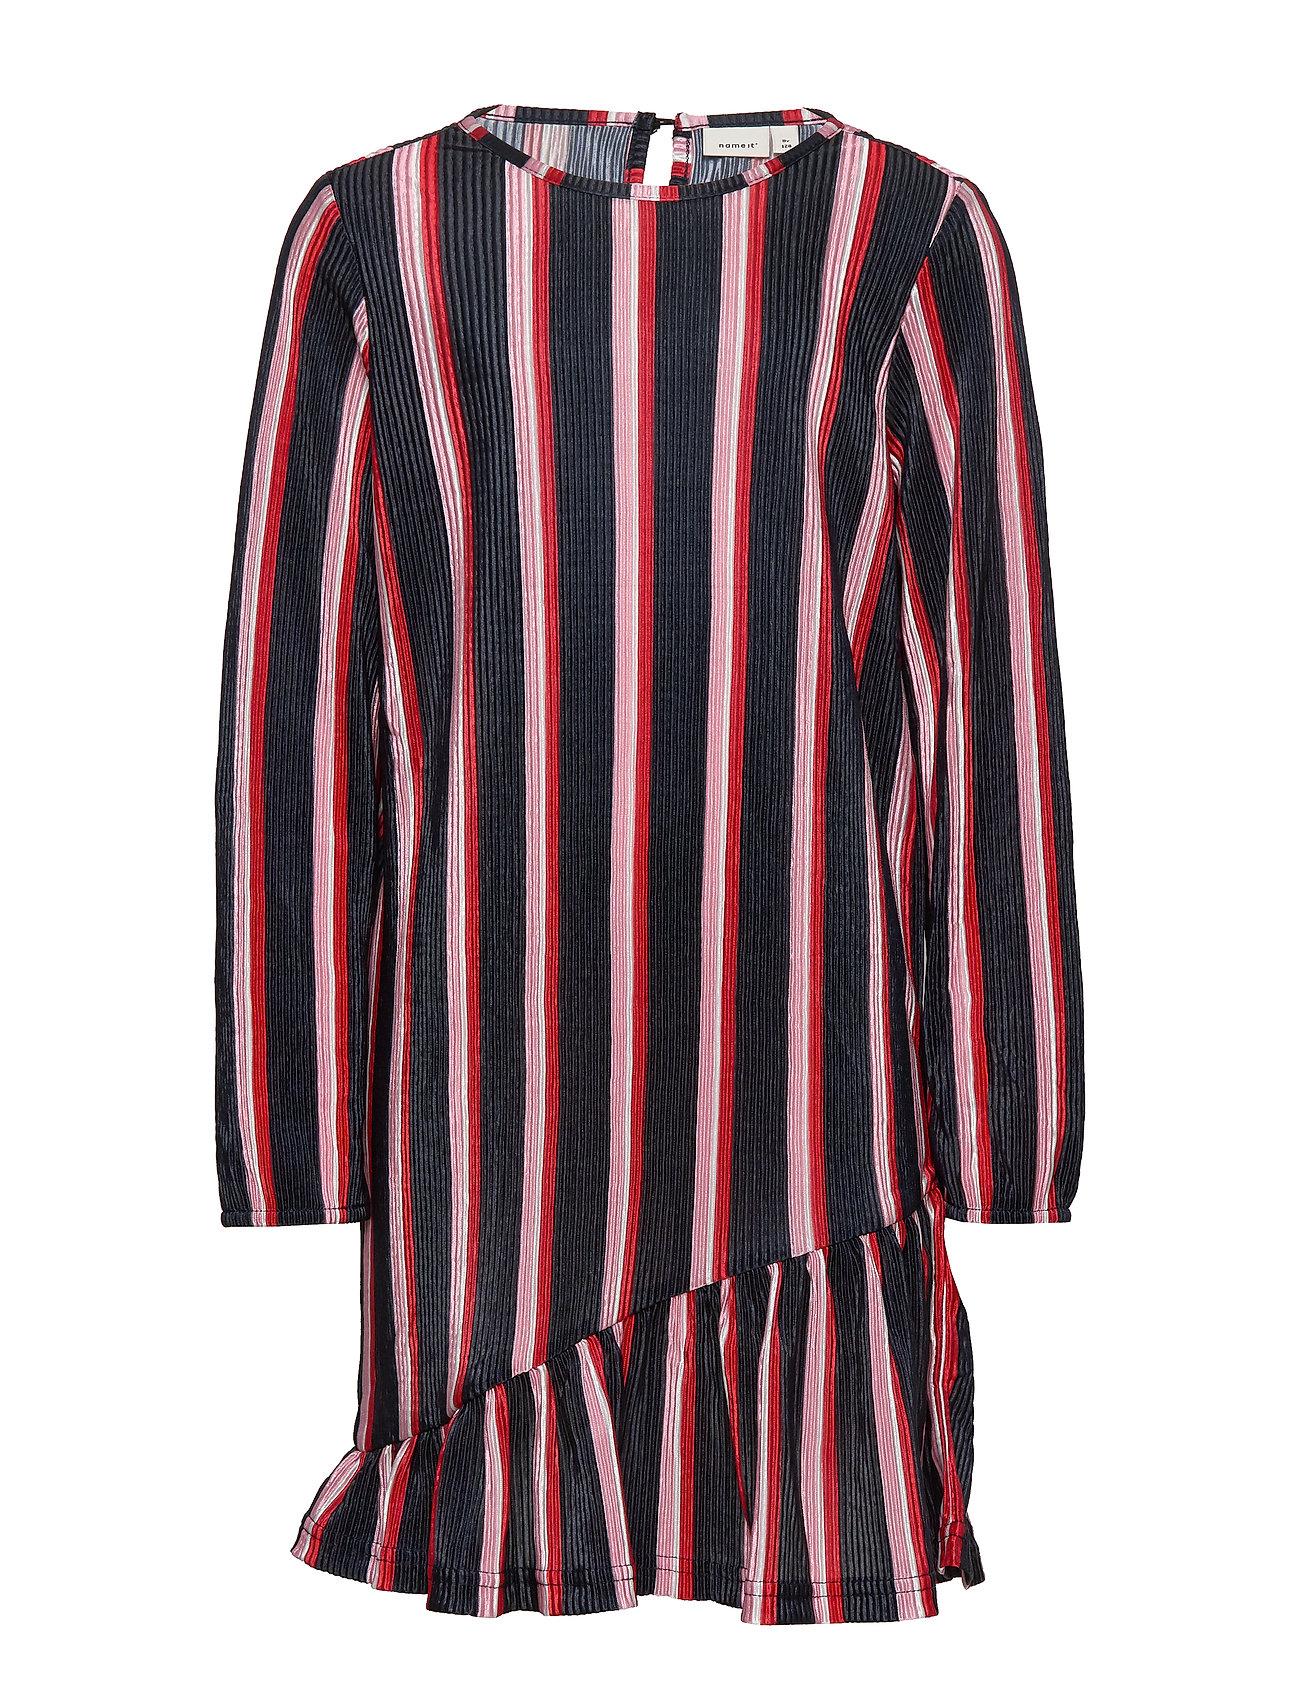 Image of Nkfbisma Ls Dress Kjole Blå Name It (3341927443)